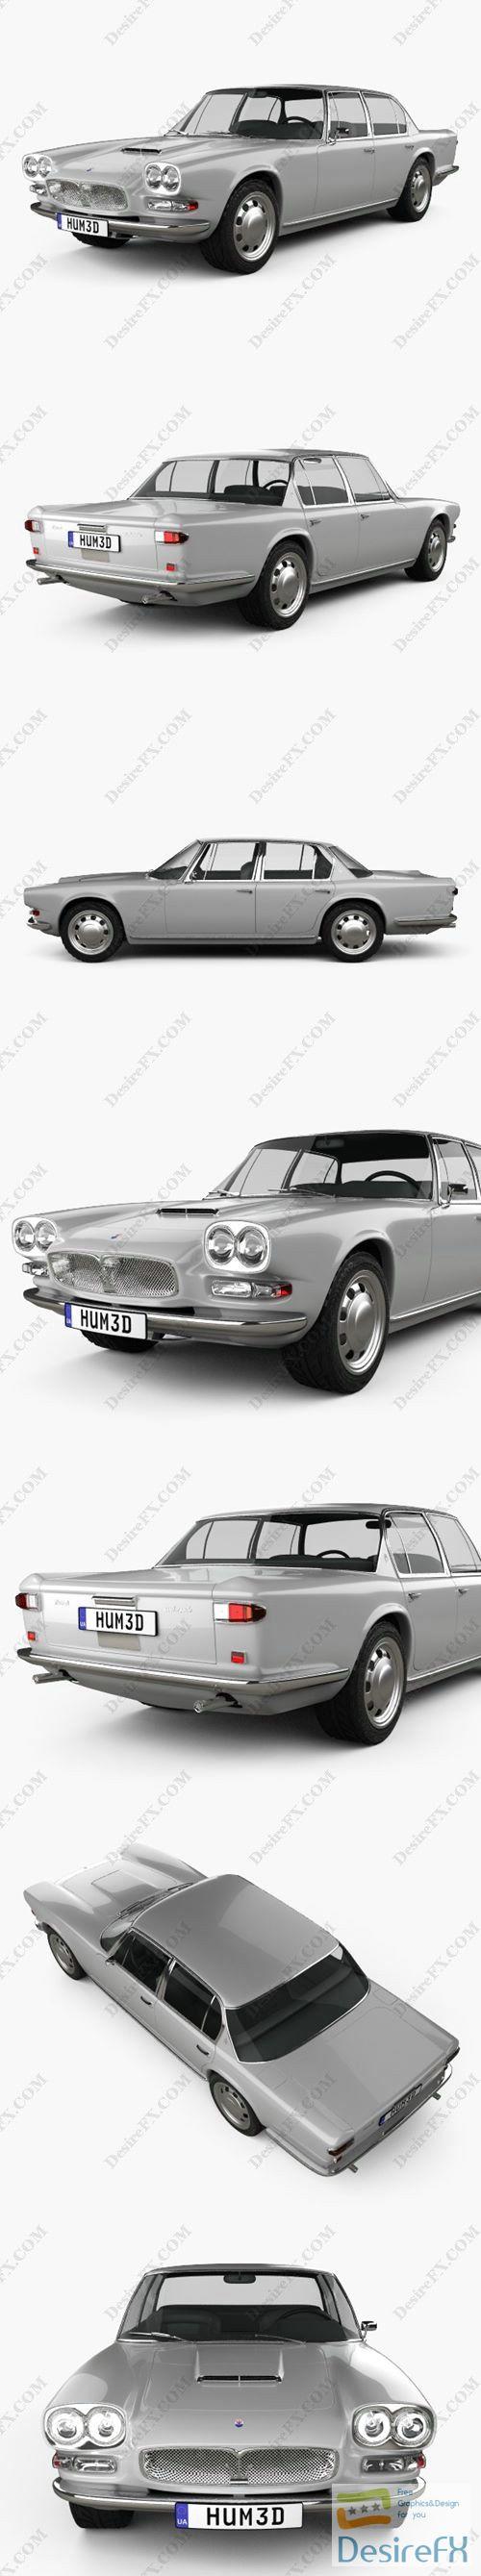 Maserati Quattroporte 1966 3D Model